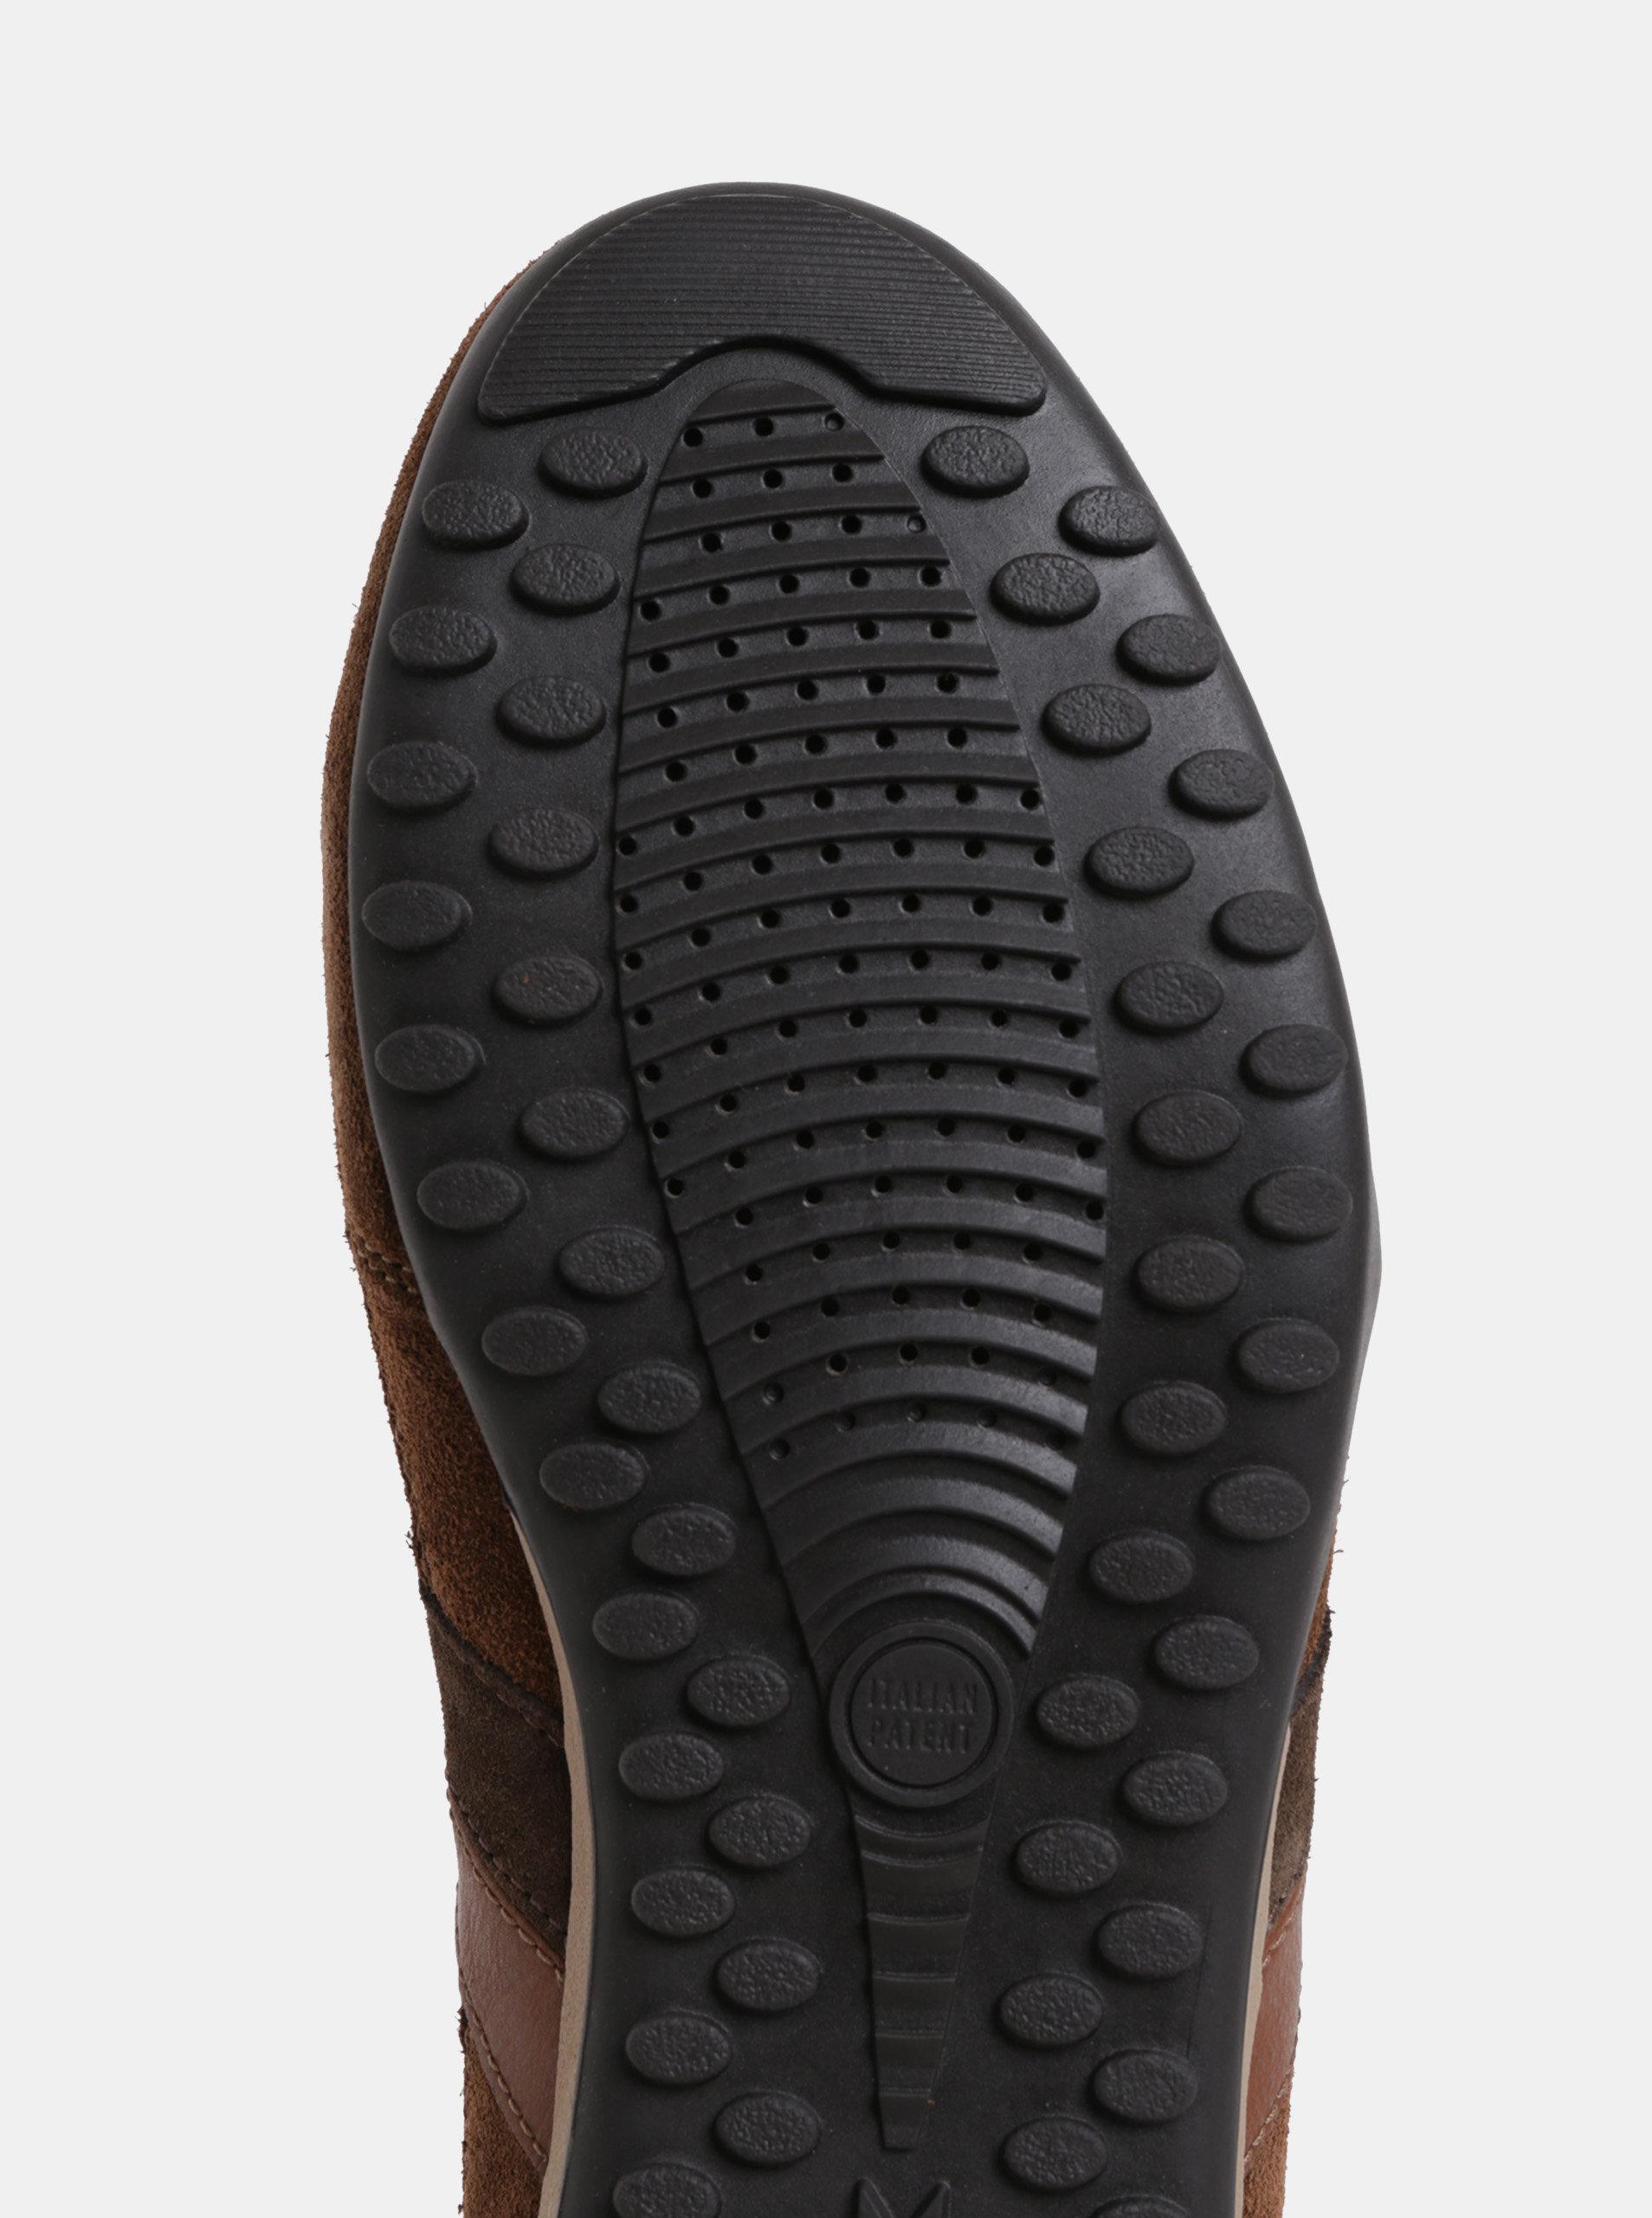 9dadeb540d1b Hnedé pánske kožené tenisky so semišovými detailmi Geox Wells ...